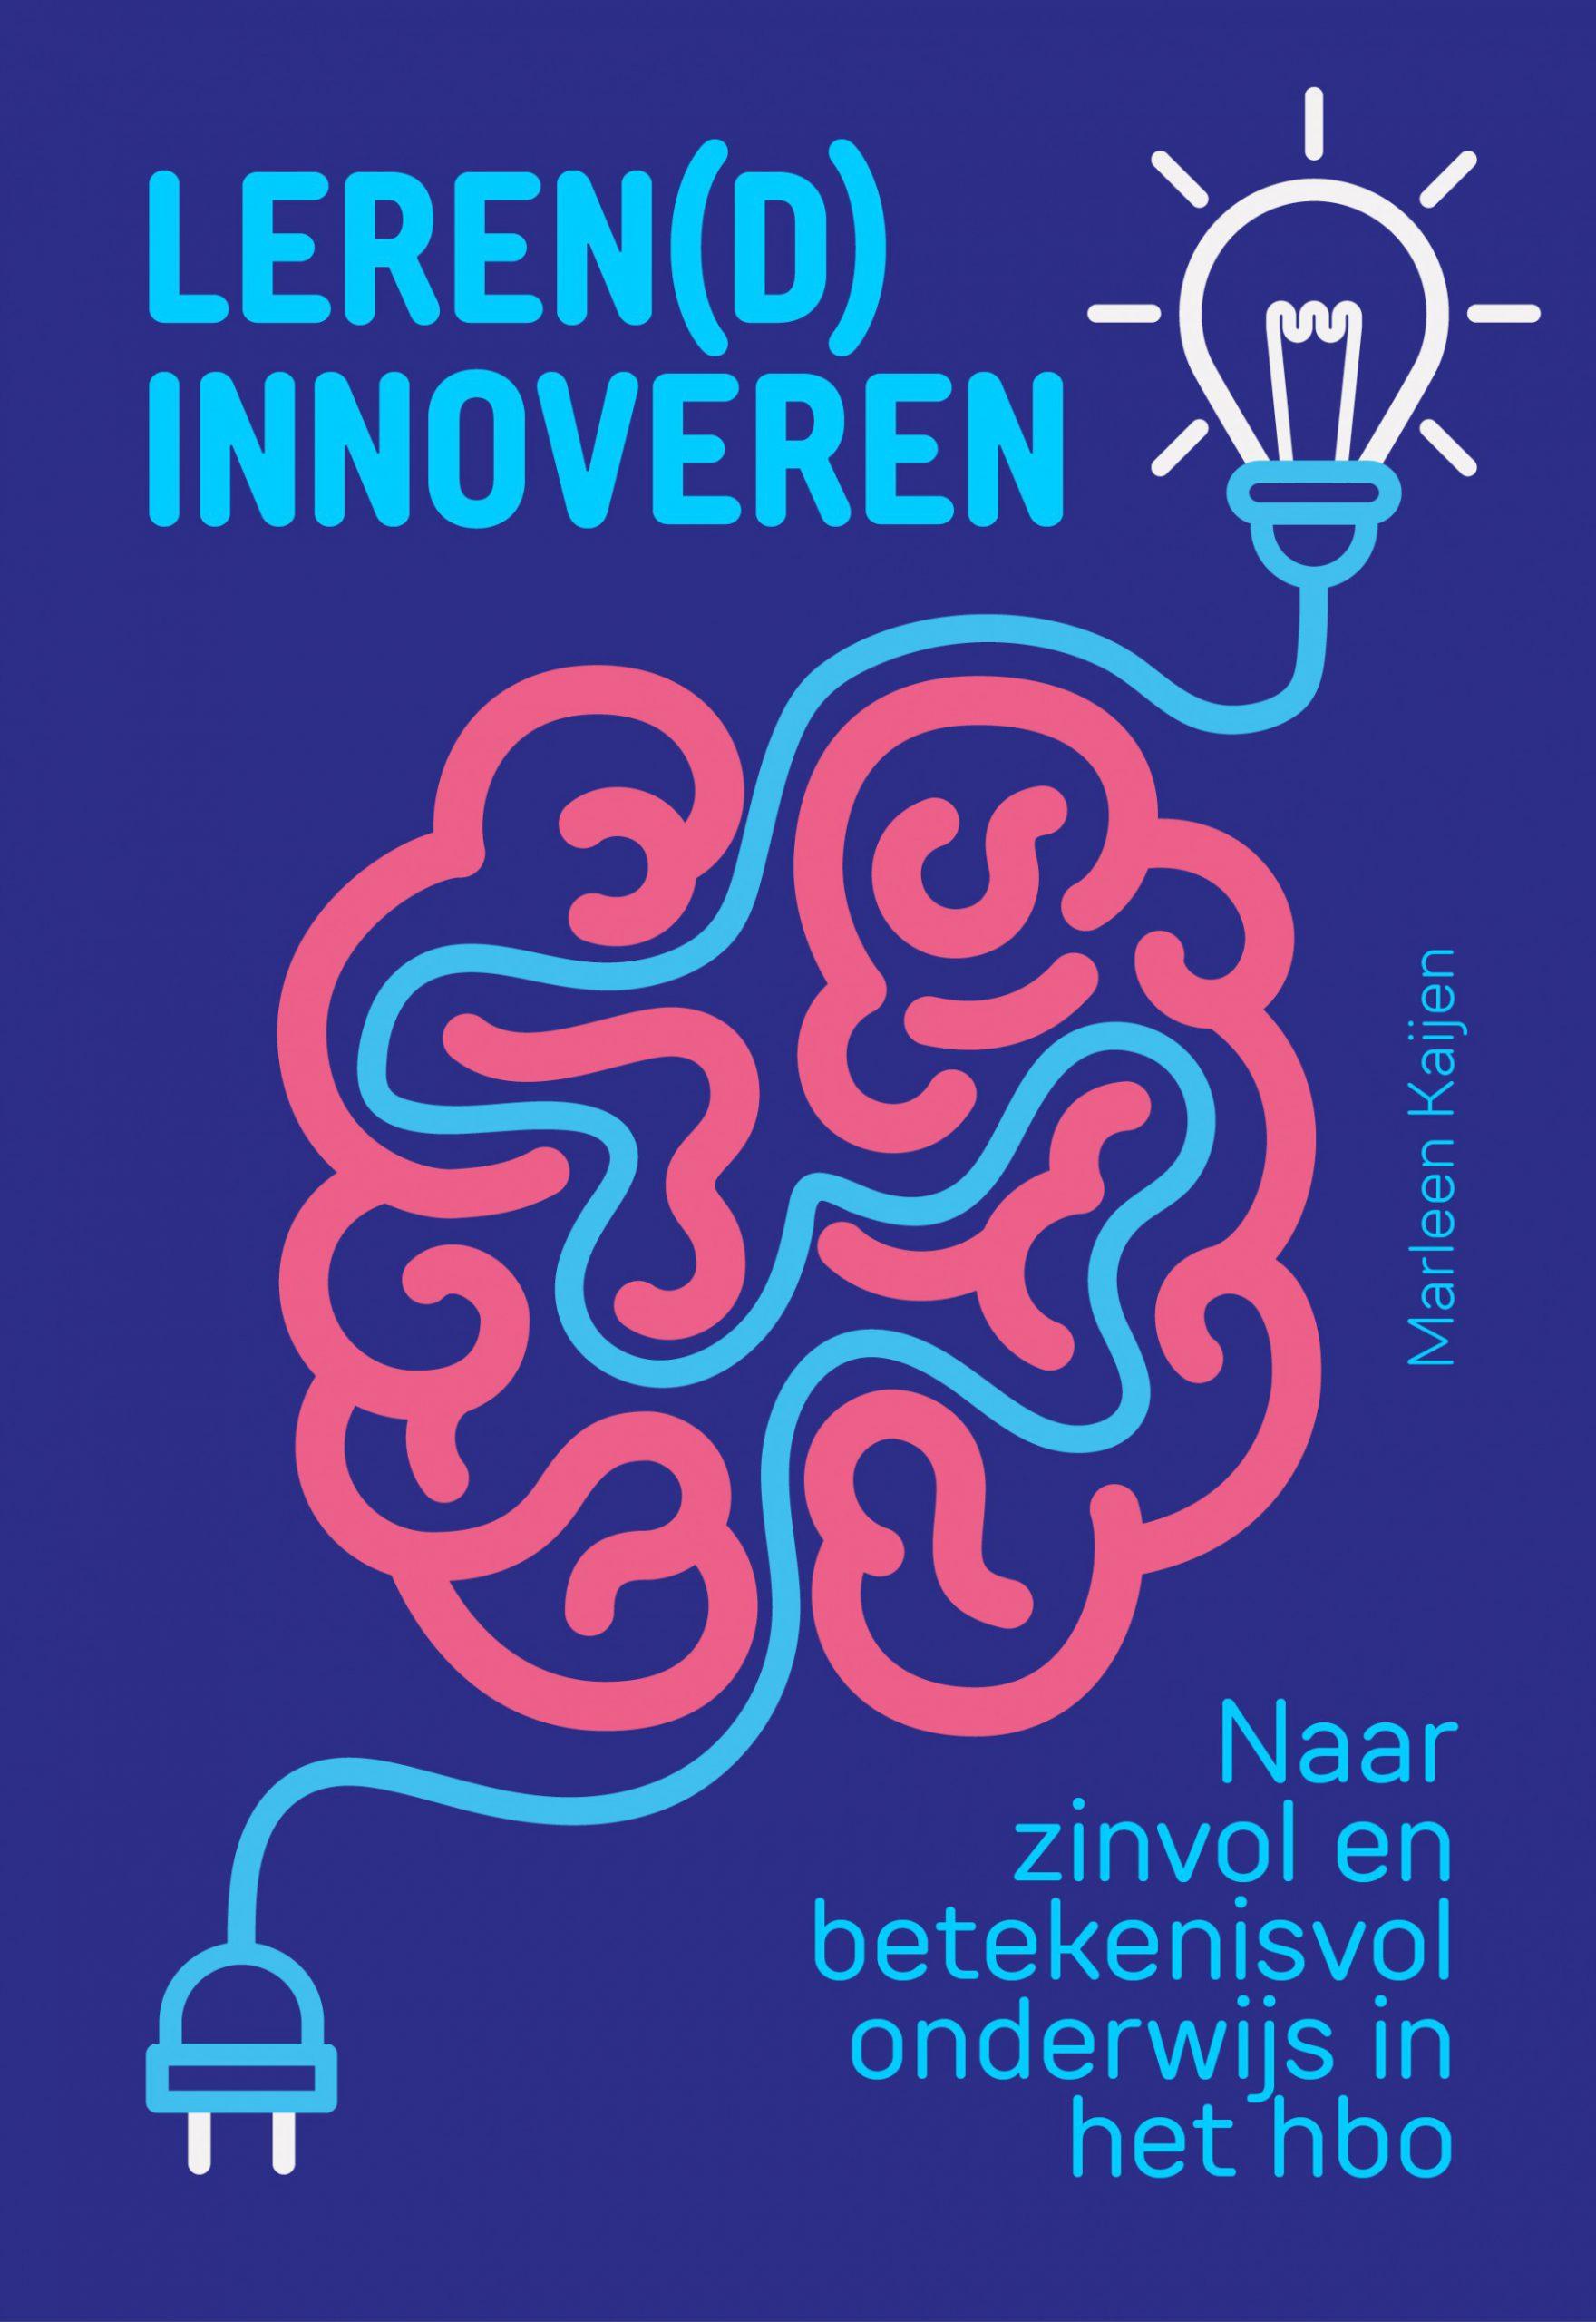 Leren(d) innoveren